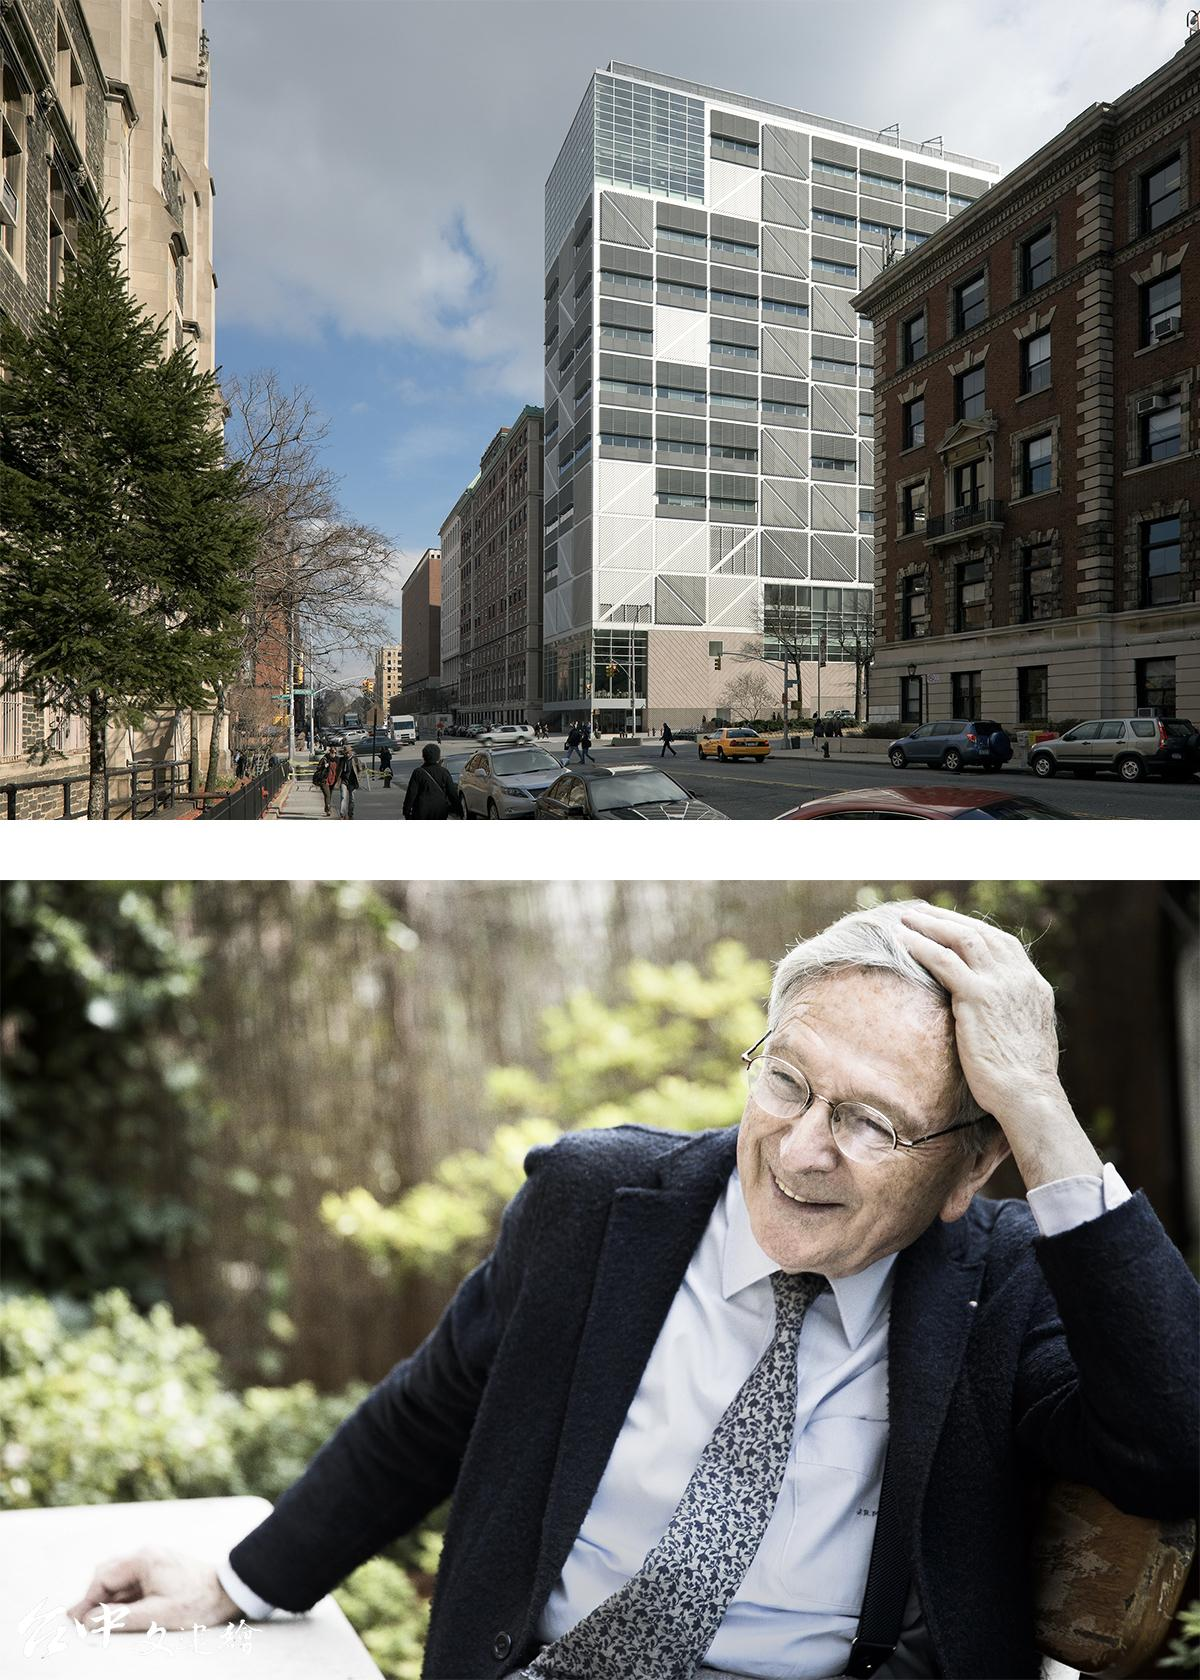 第十七屆威尼斯建築雙年展將終生成就獎頒予西班牙建築師 Rafael Moneo(攝影:Germán Saiz),作品為哥倫比亞大學西北角大樓 (攝影:DUCCIO MALAGAMBA)。